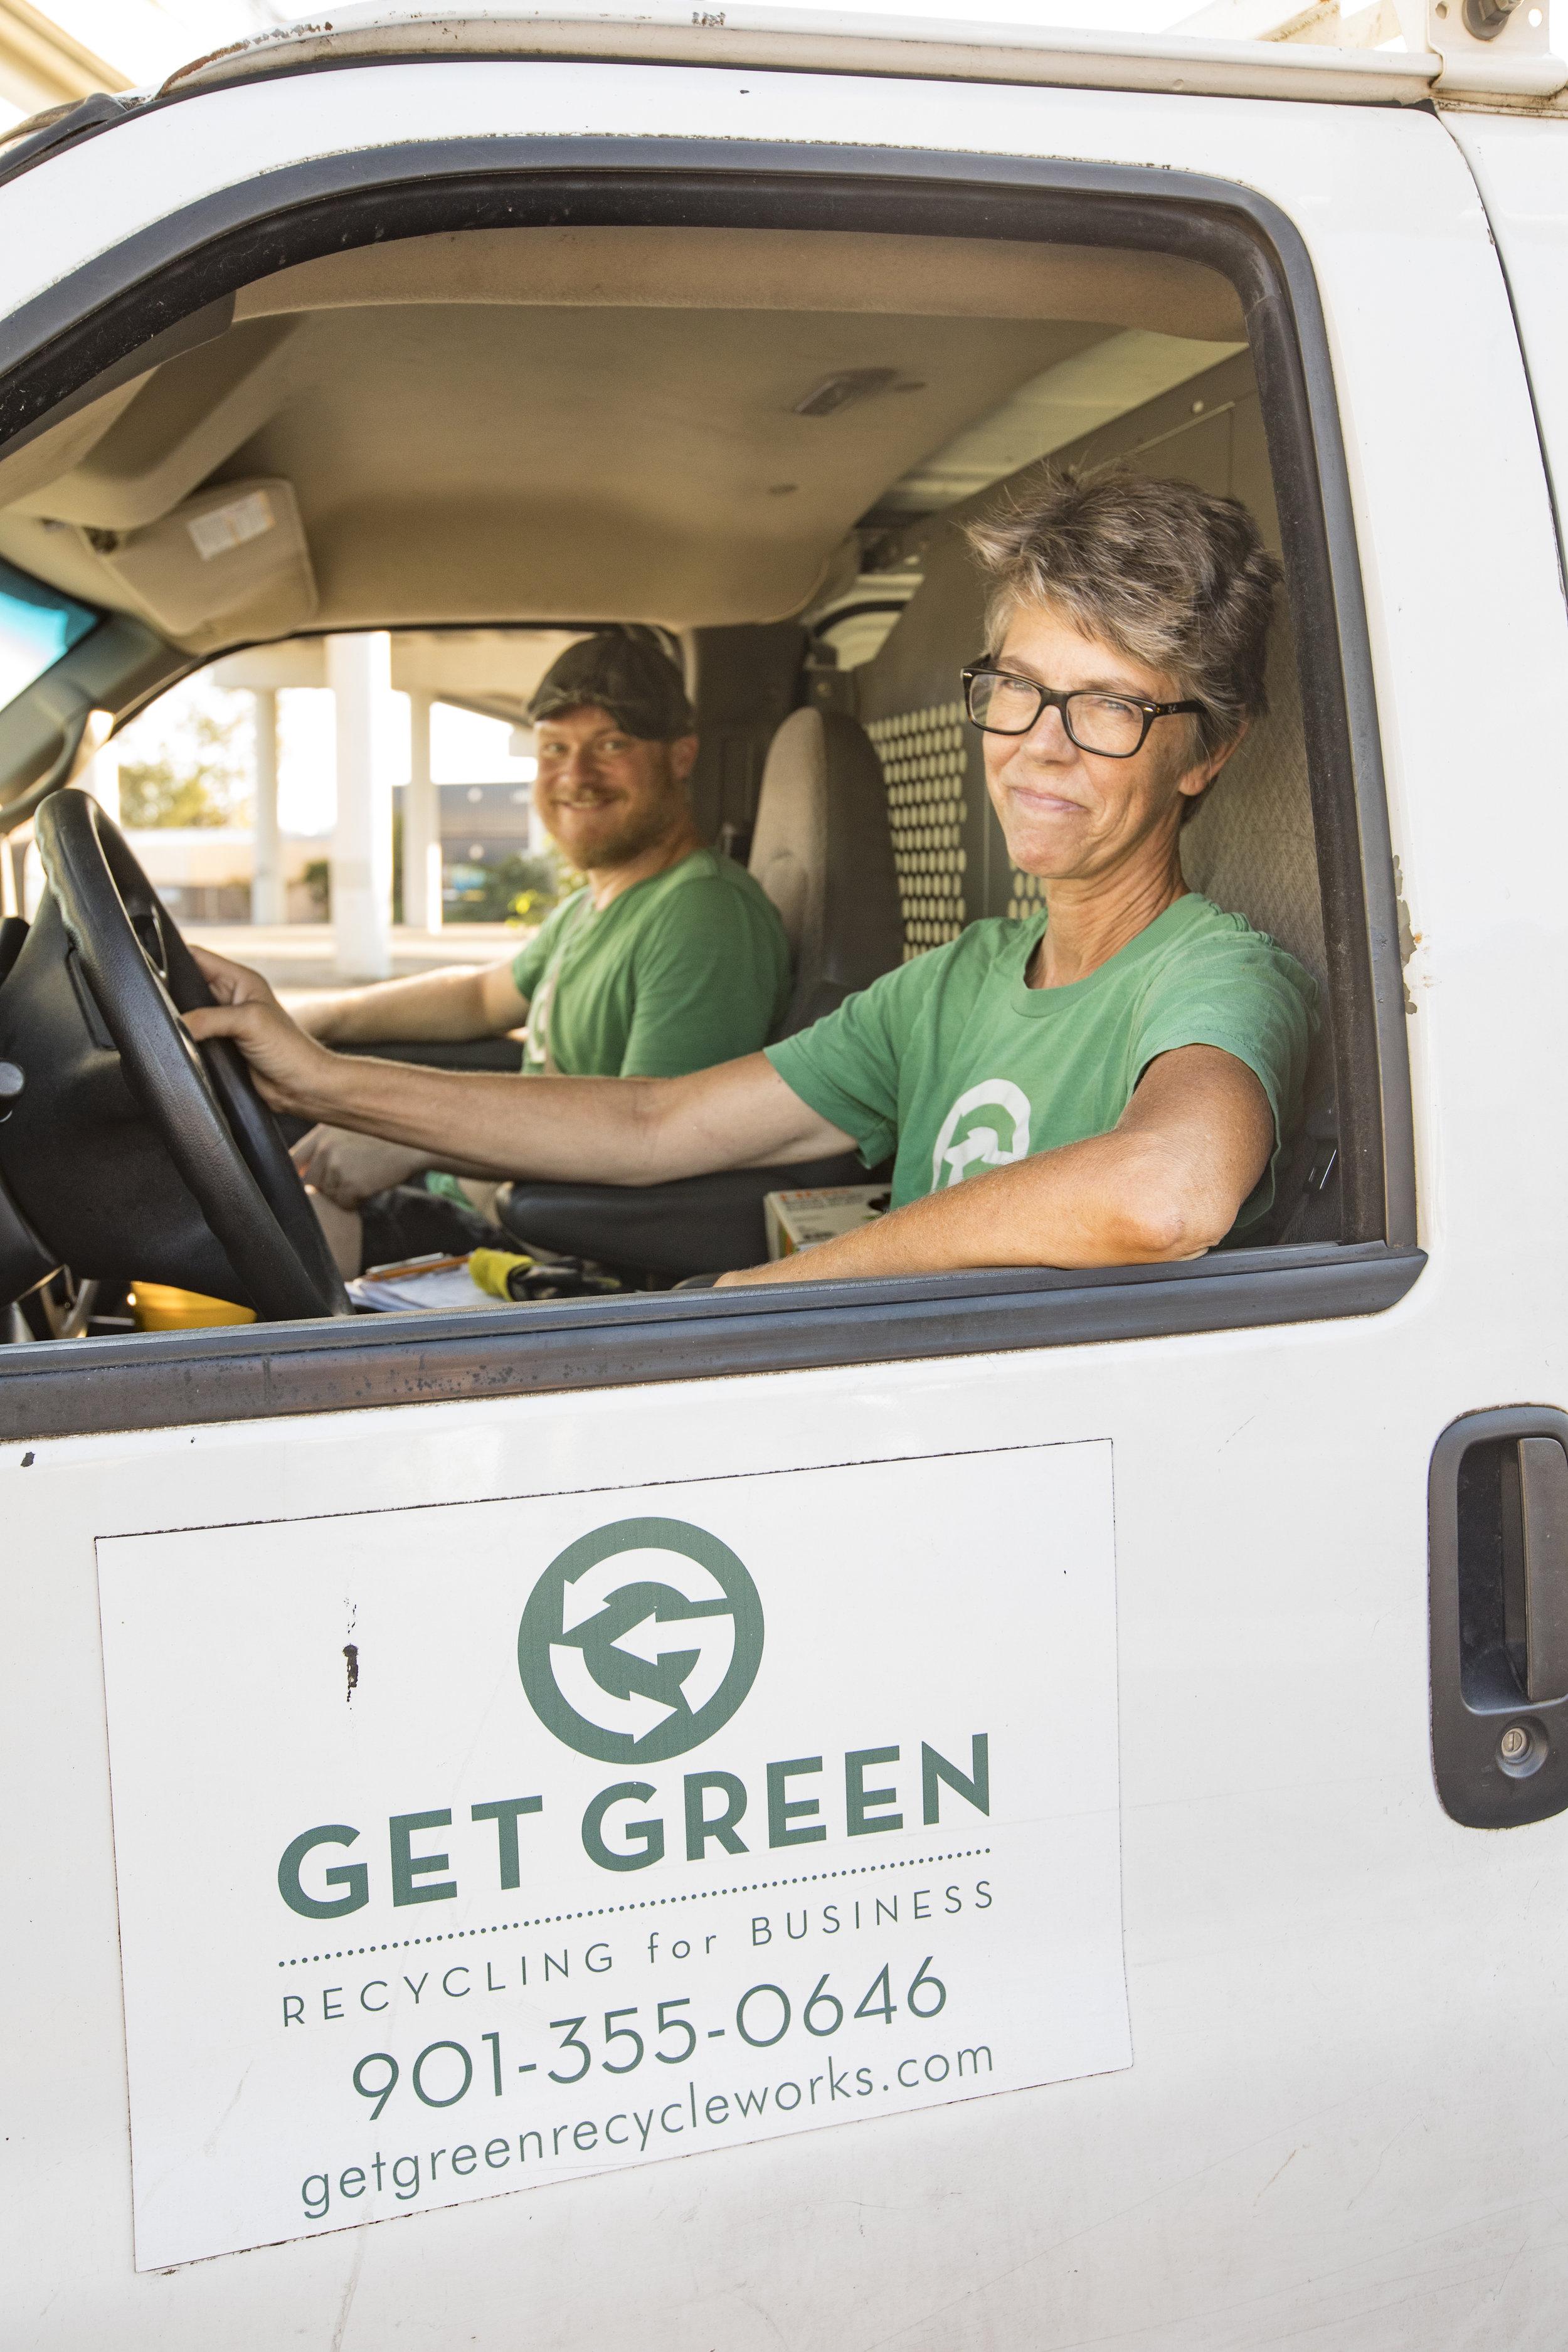 Get Green_51A2811.JPG